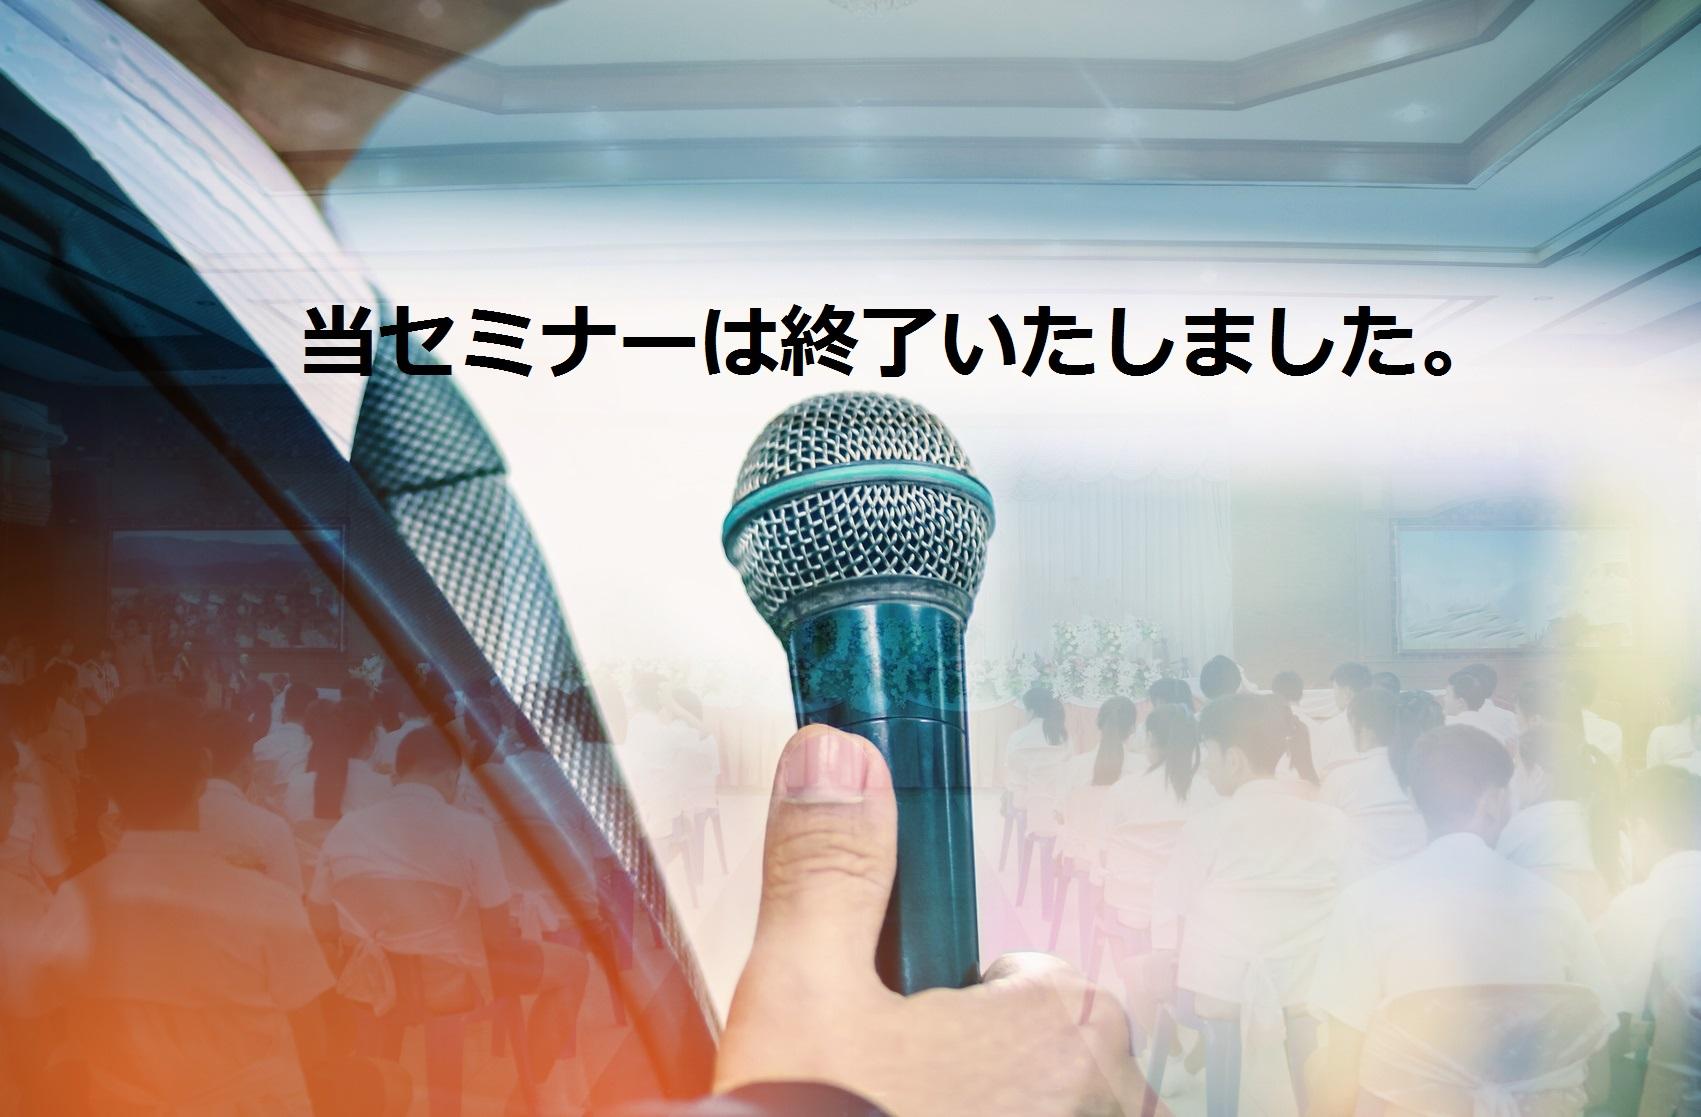 【7/26(水)開催】アイネス自治体セミナー2017 ~自治体の窓口サービス改善に向けて~